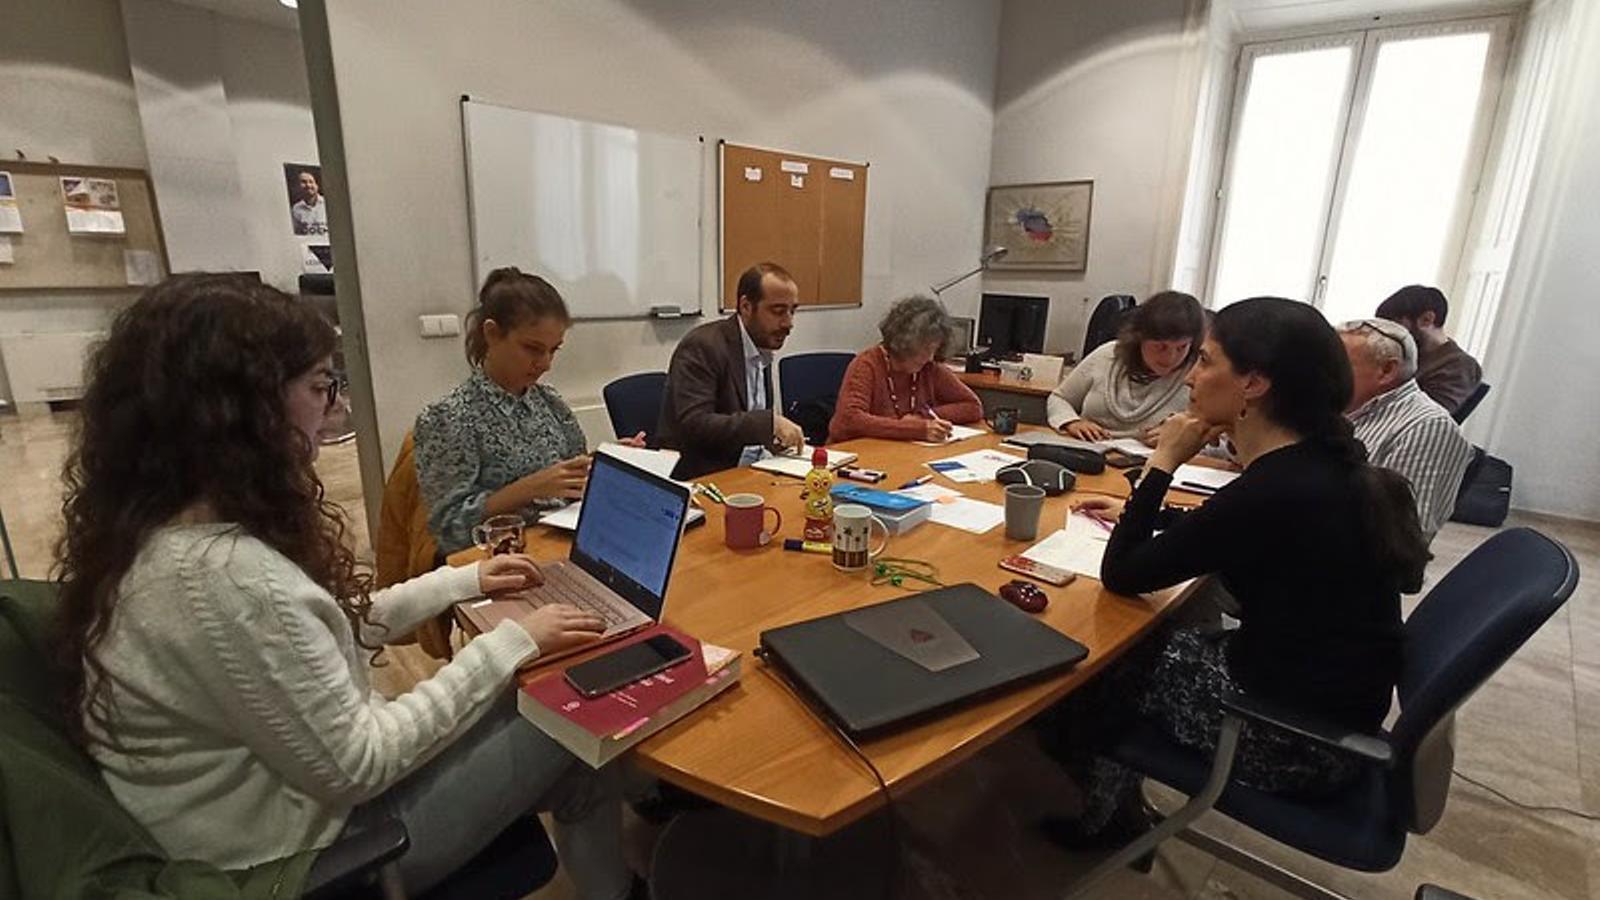 El grup parlamentari de Podem durant la reunió d'aquest dijous